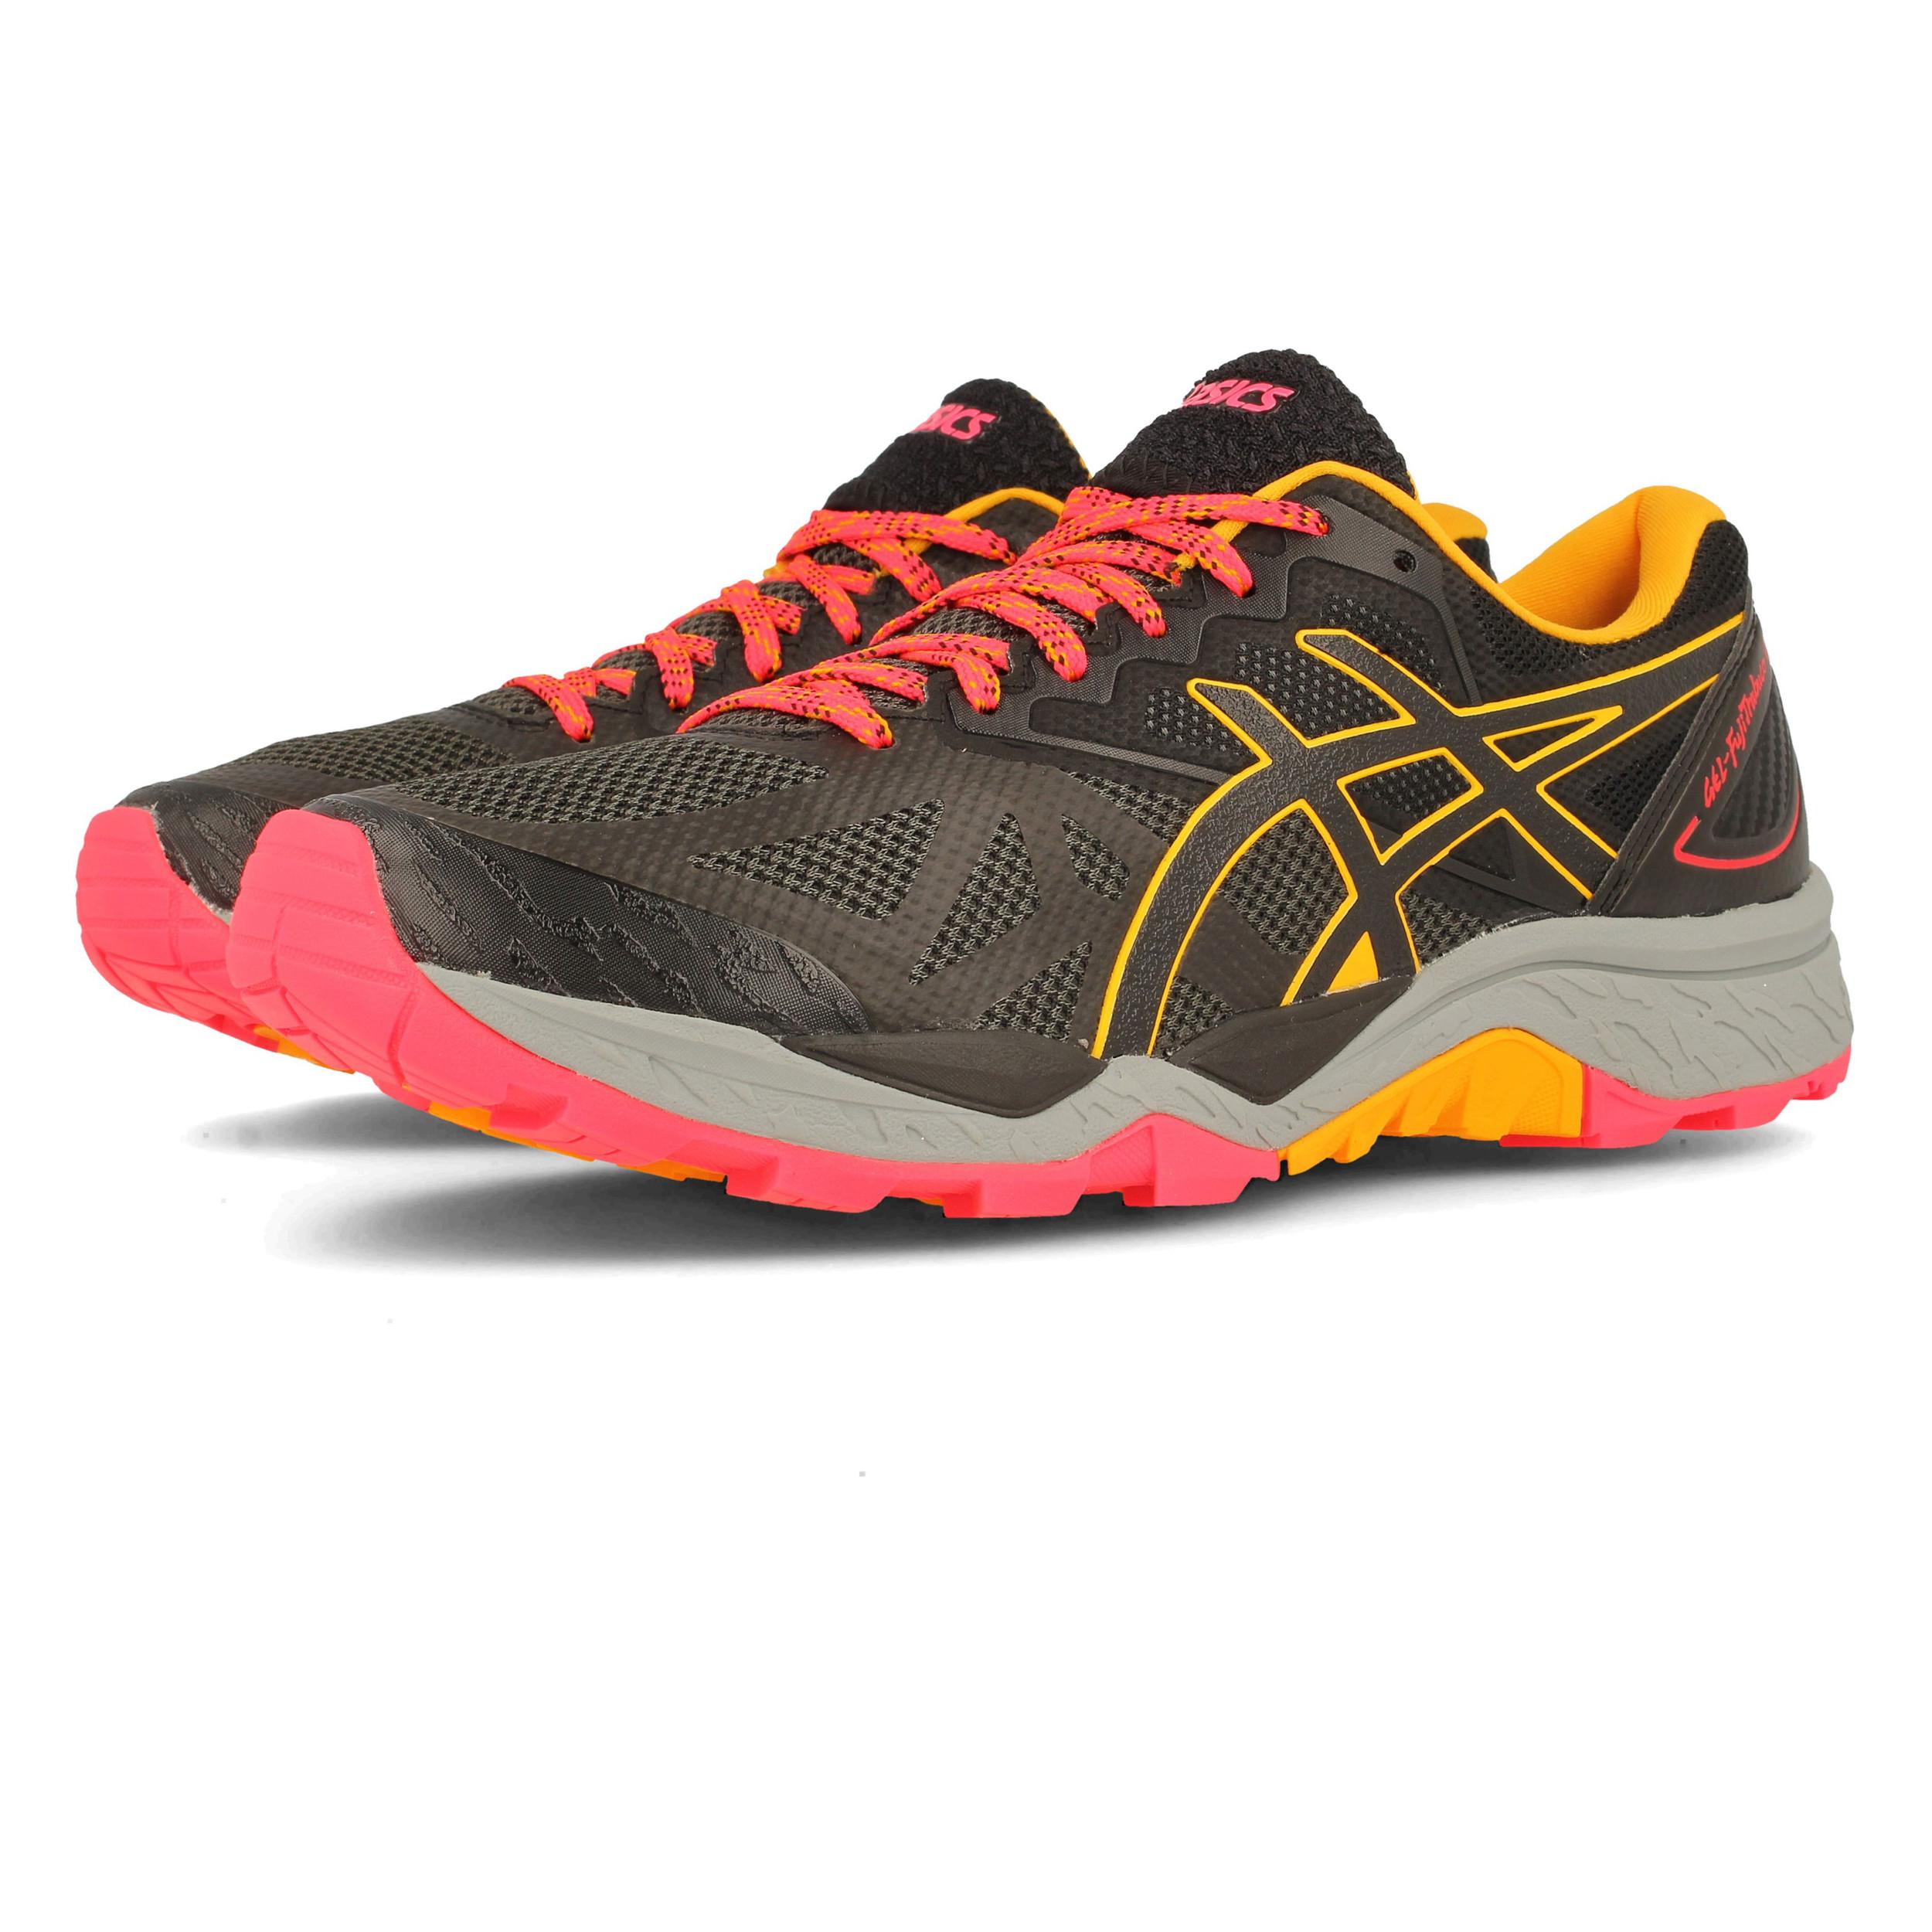 Asics Mujer Gel-fujitrabuco 6 Sendero Correr Zapatos Zapatillas Negro  Running c99f8ec4aac67